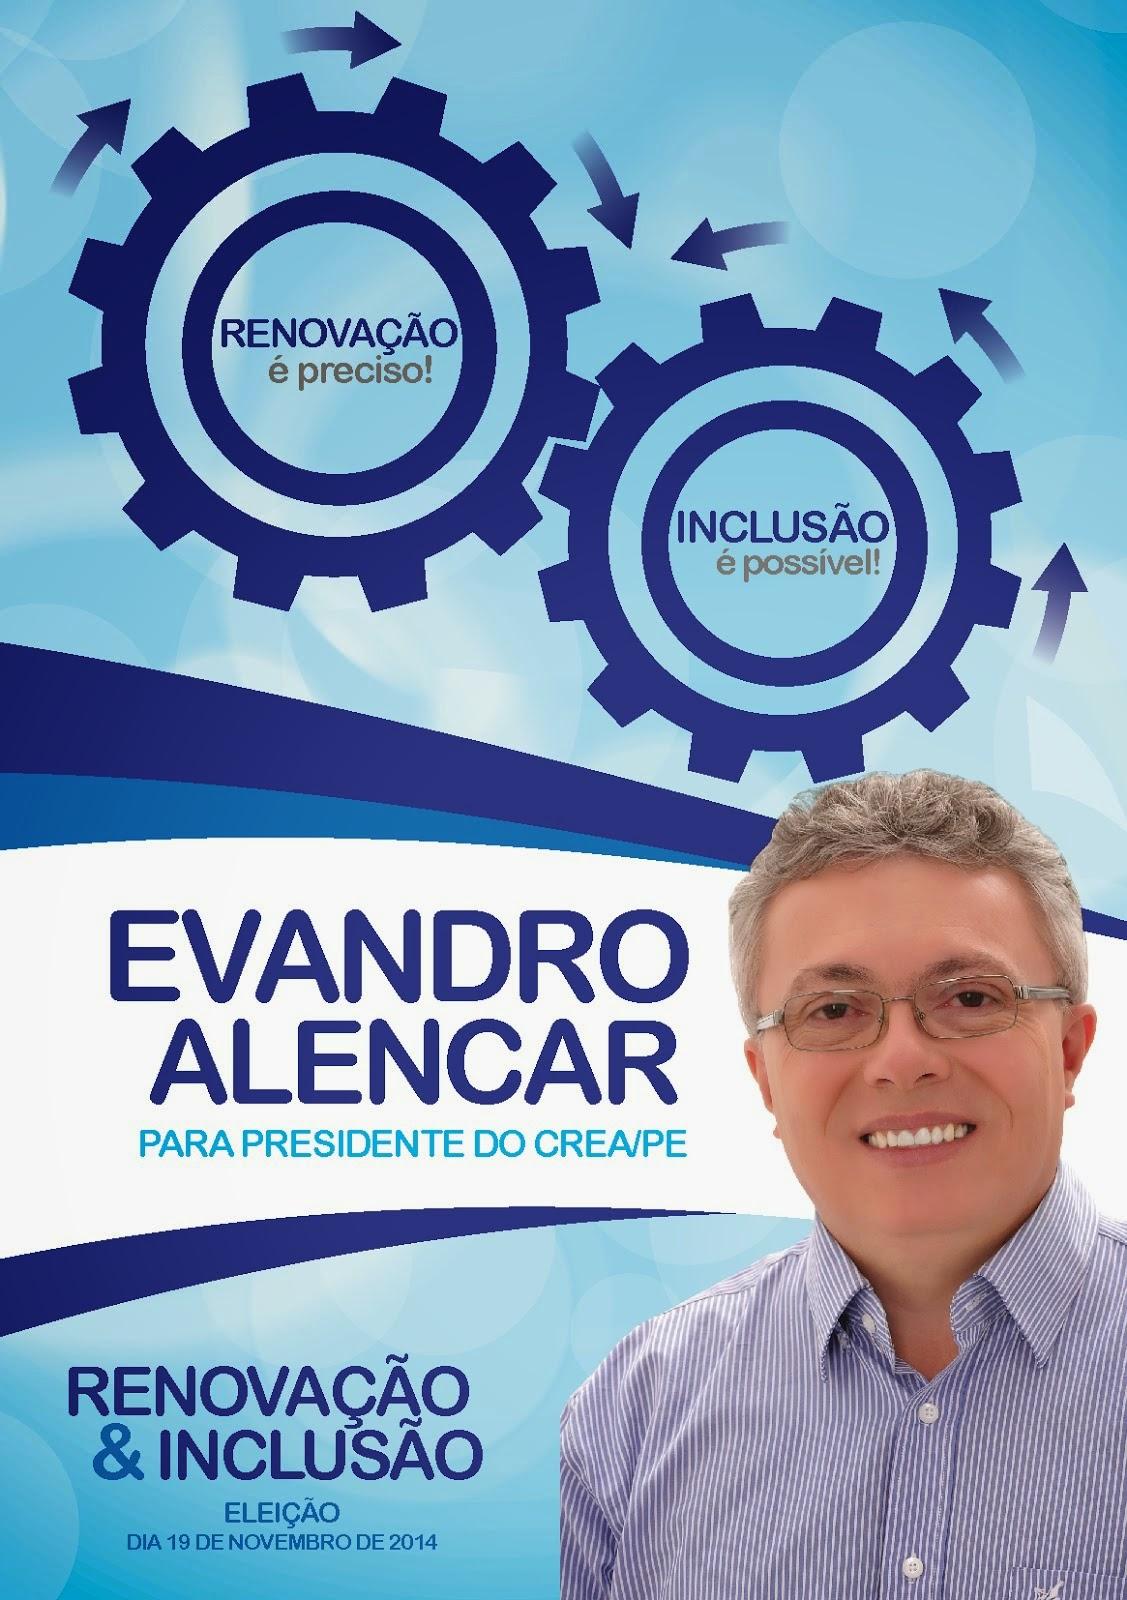 Evandro Alencar